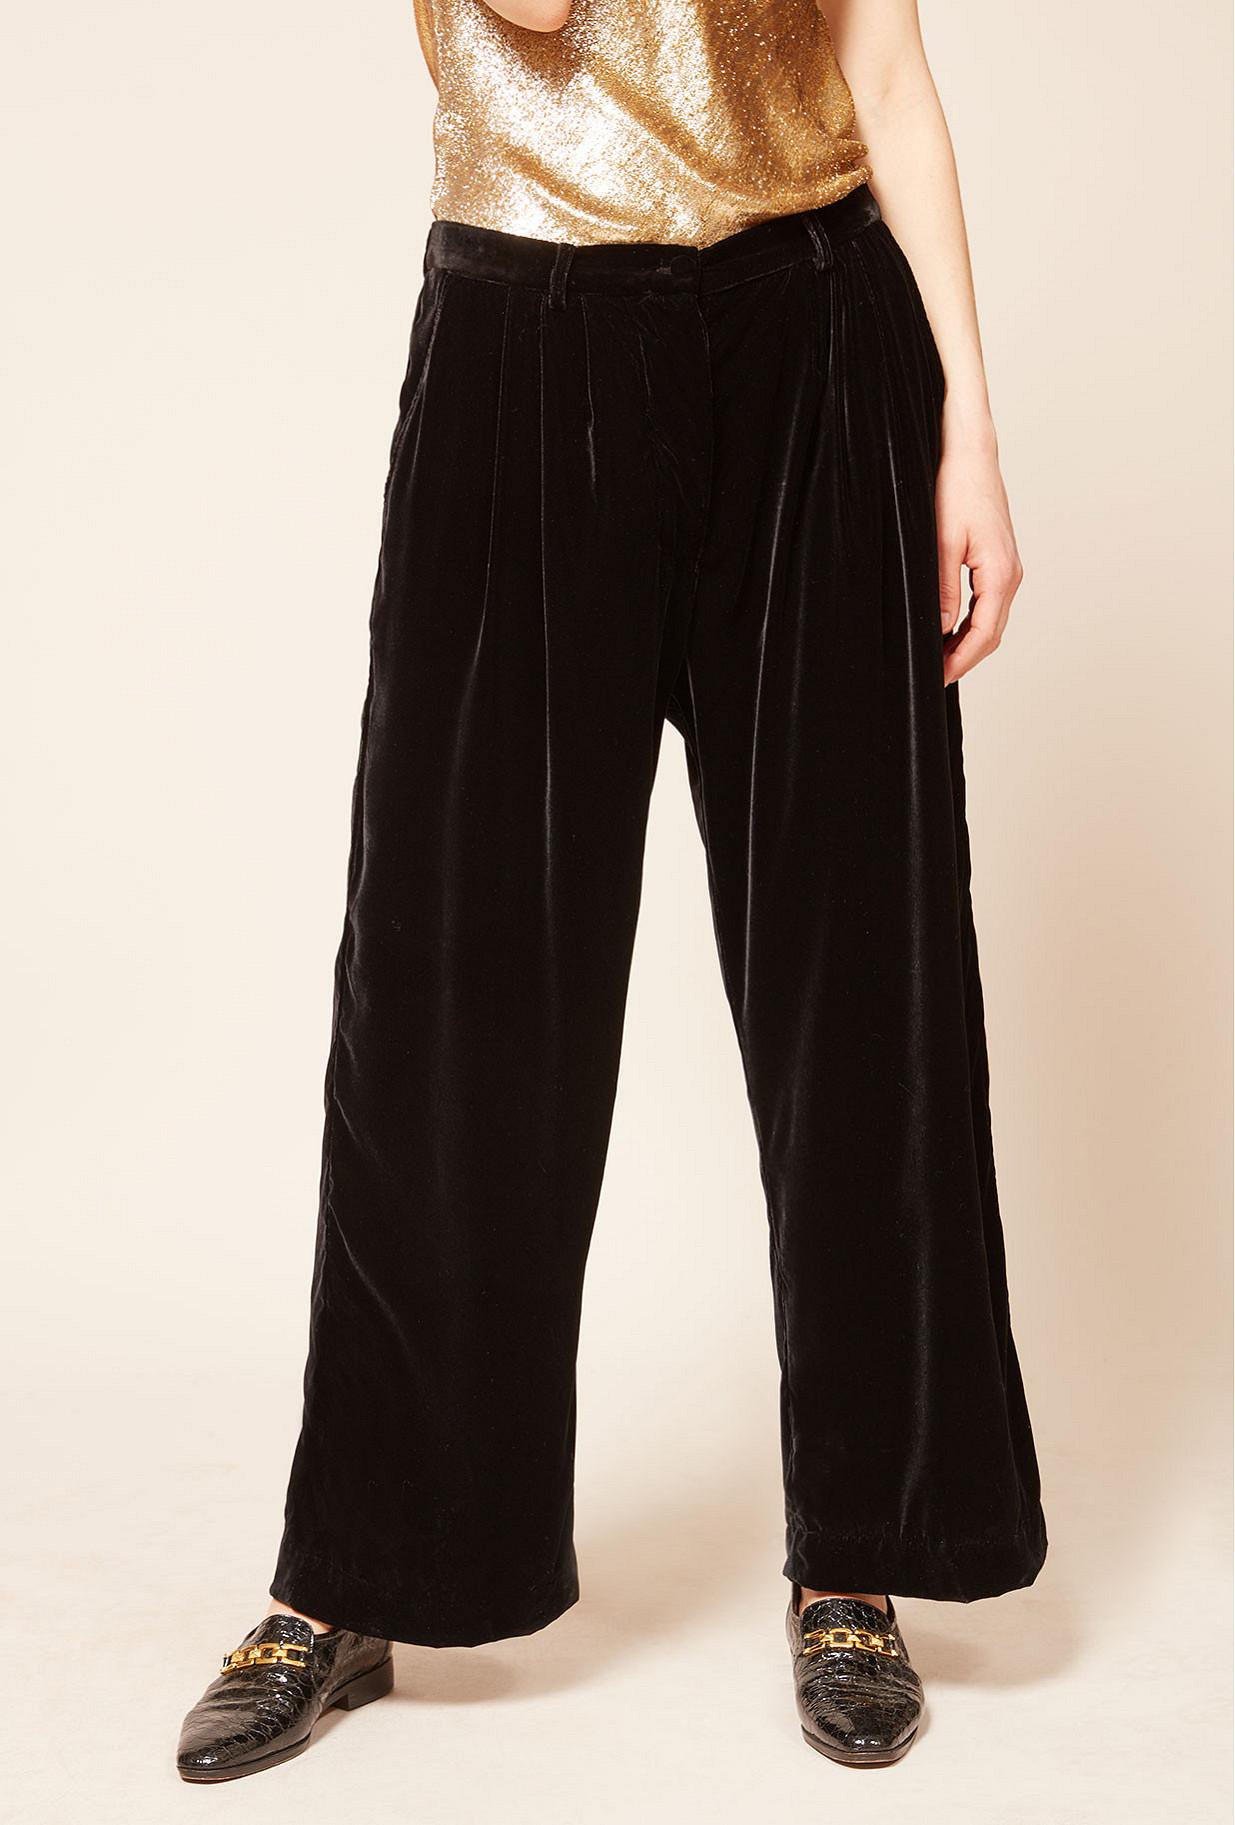 Pantalon Noir  Mansfield mes demoiselles paris vêtement femme paris